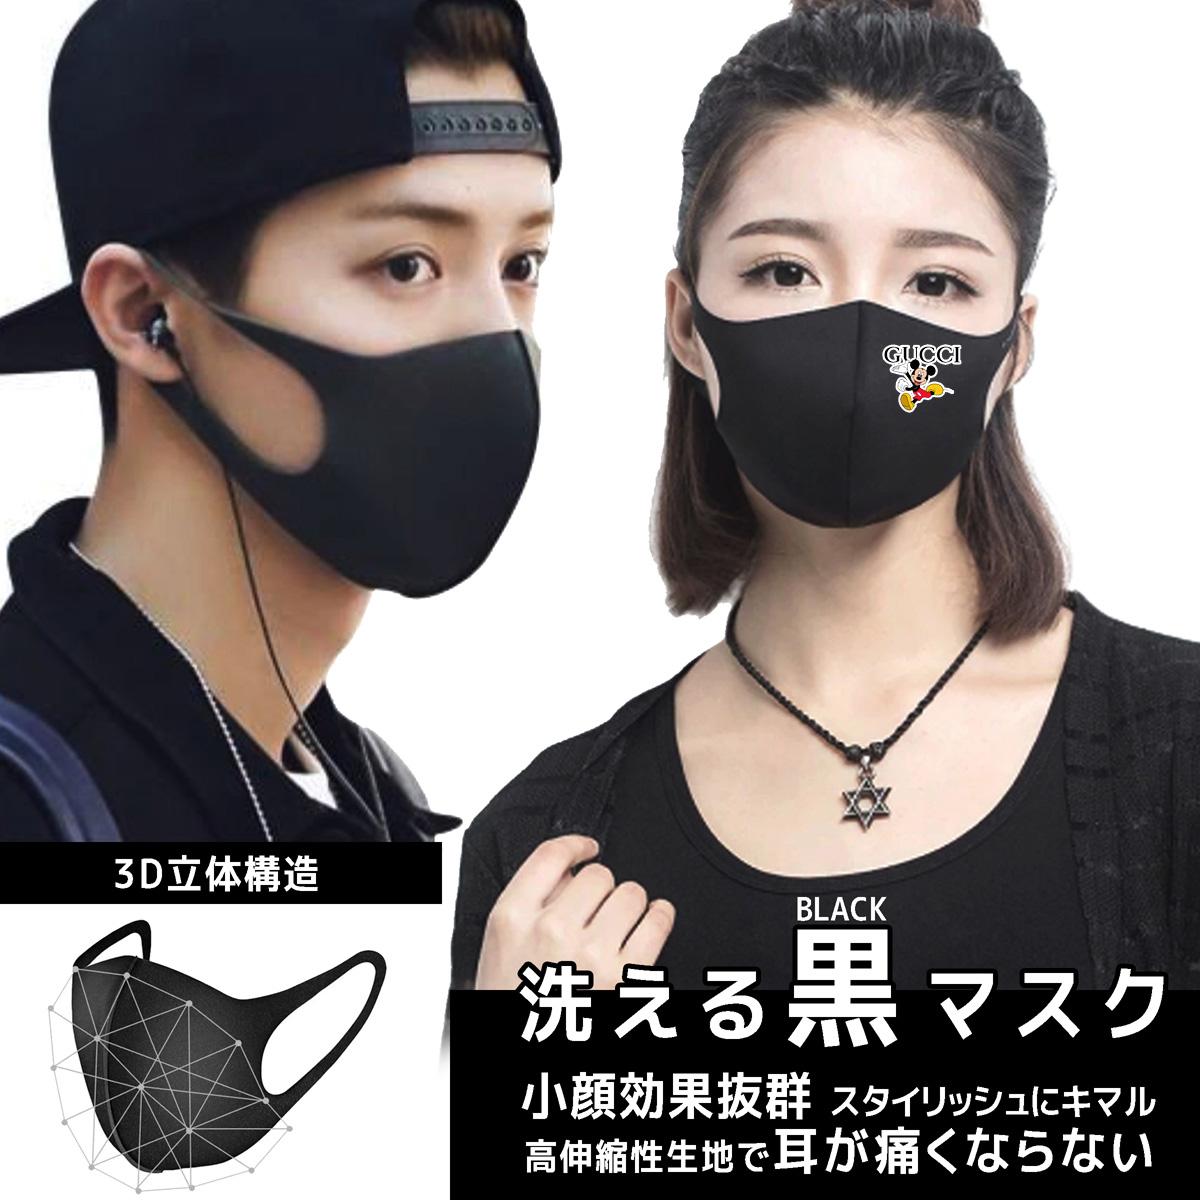 長時間付けていても耳が痛くない 3D立体マスク